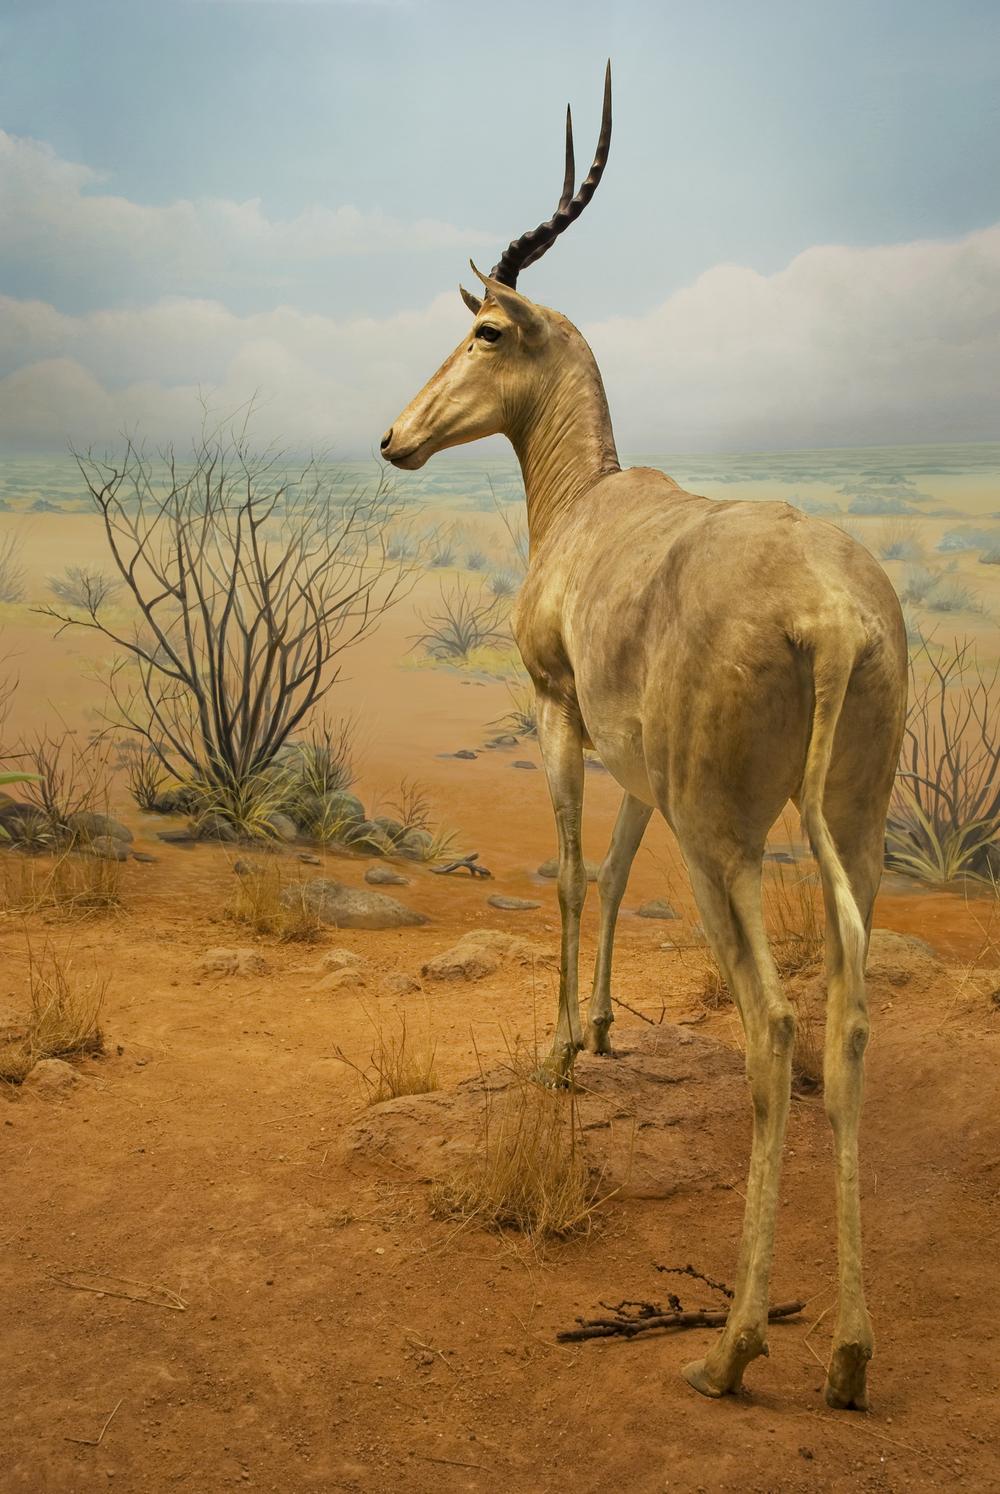 12-27-08 Antelope.jpg